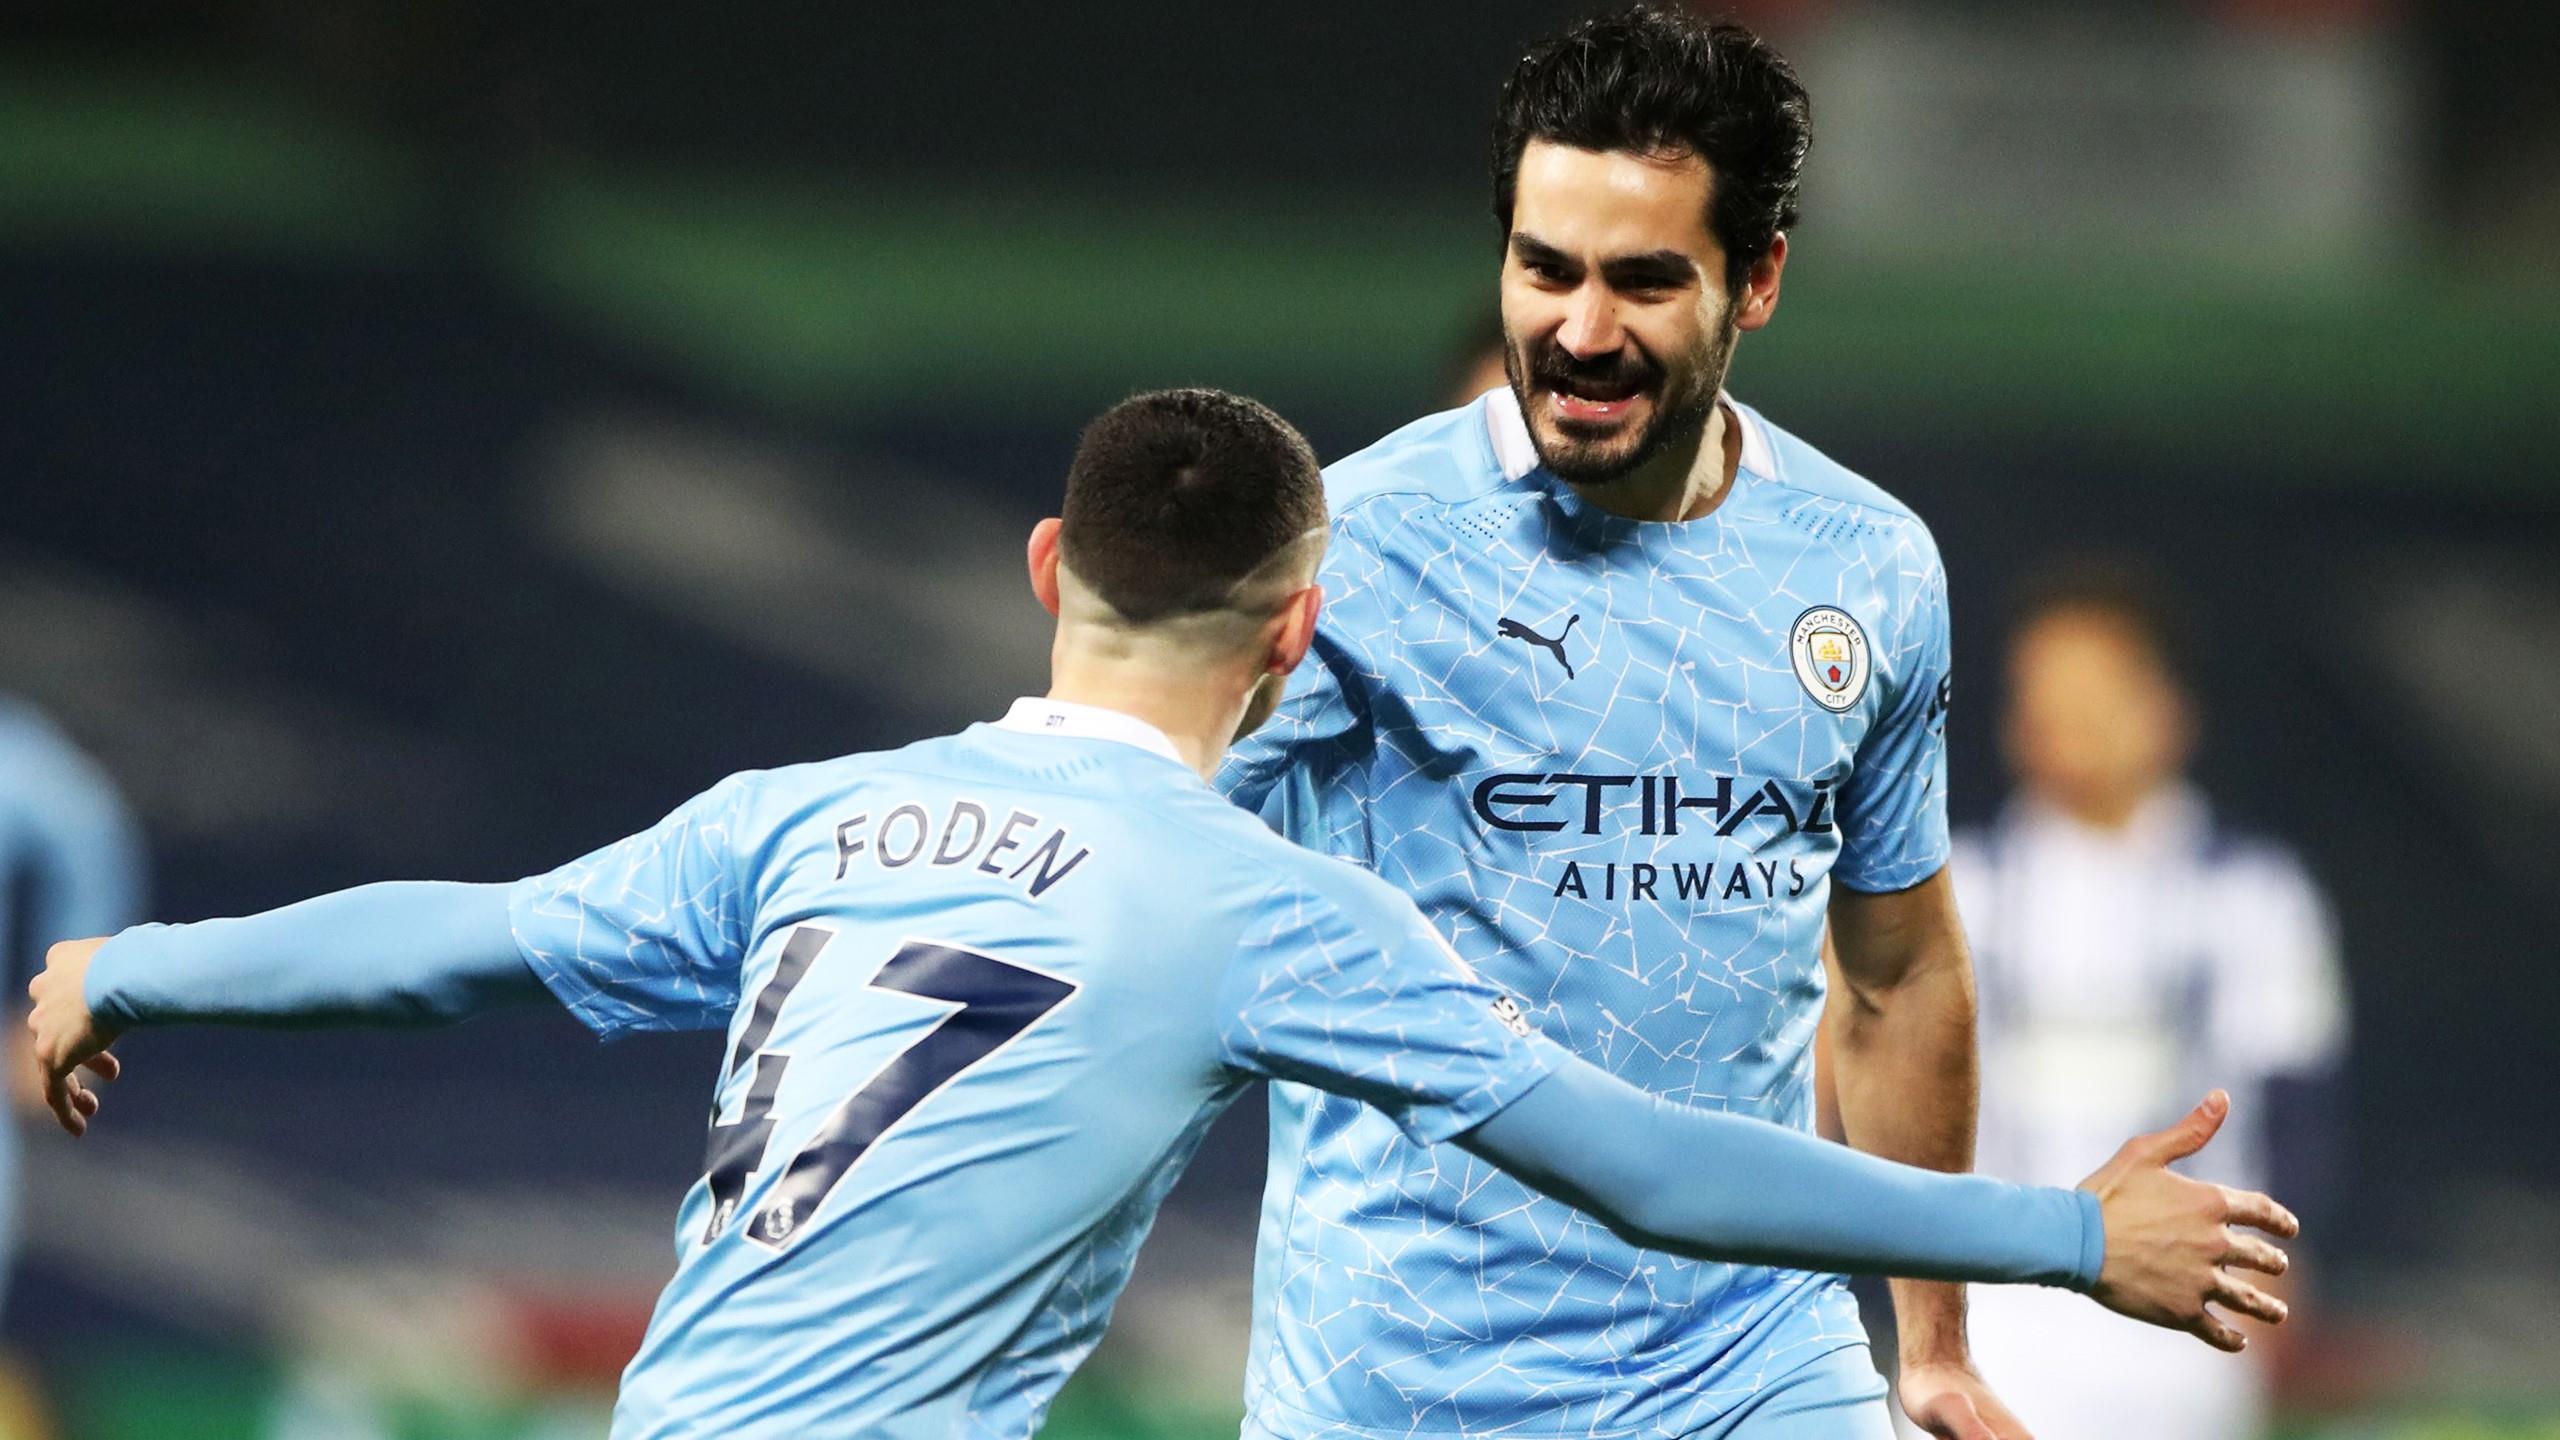 Ilkay Gündogan überragt bei Manchester City: Aus De Bruynes Schatten zum Besten Europas - Eurosport DE